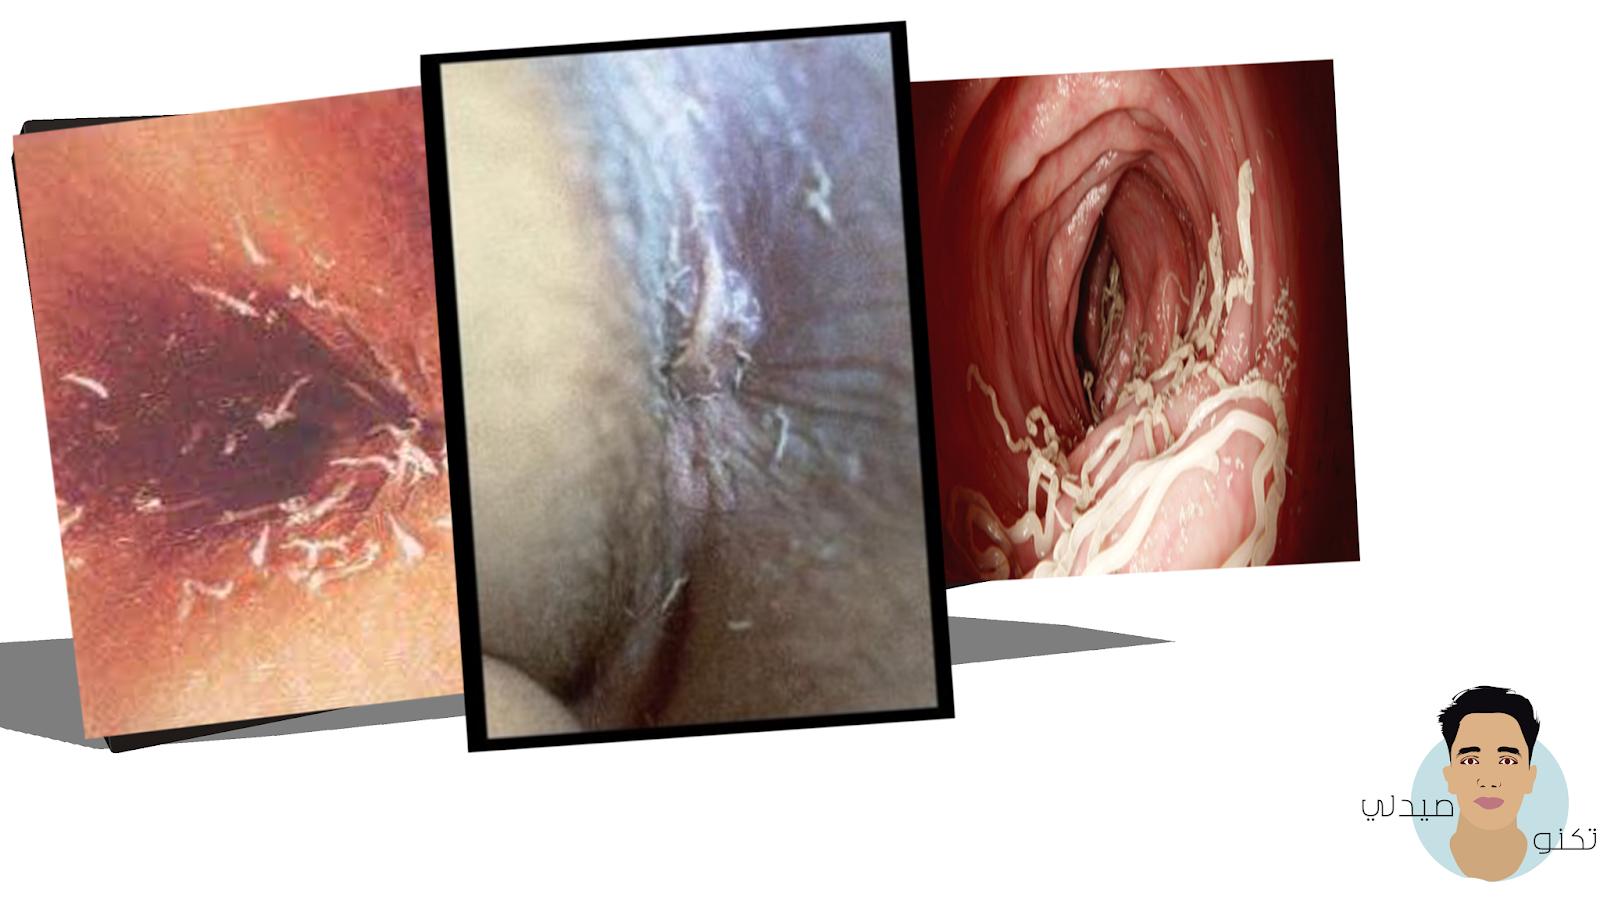 عدوي الدودة الدبوسية -الأعراض عند الكبار والاطفال- التشخيص والعلاج